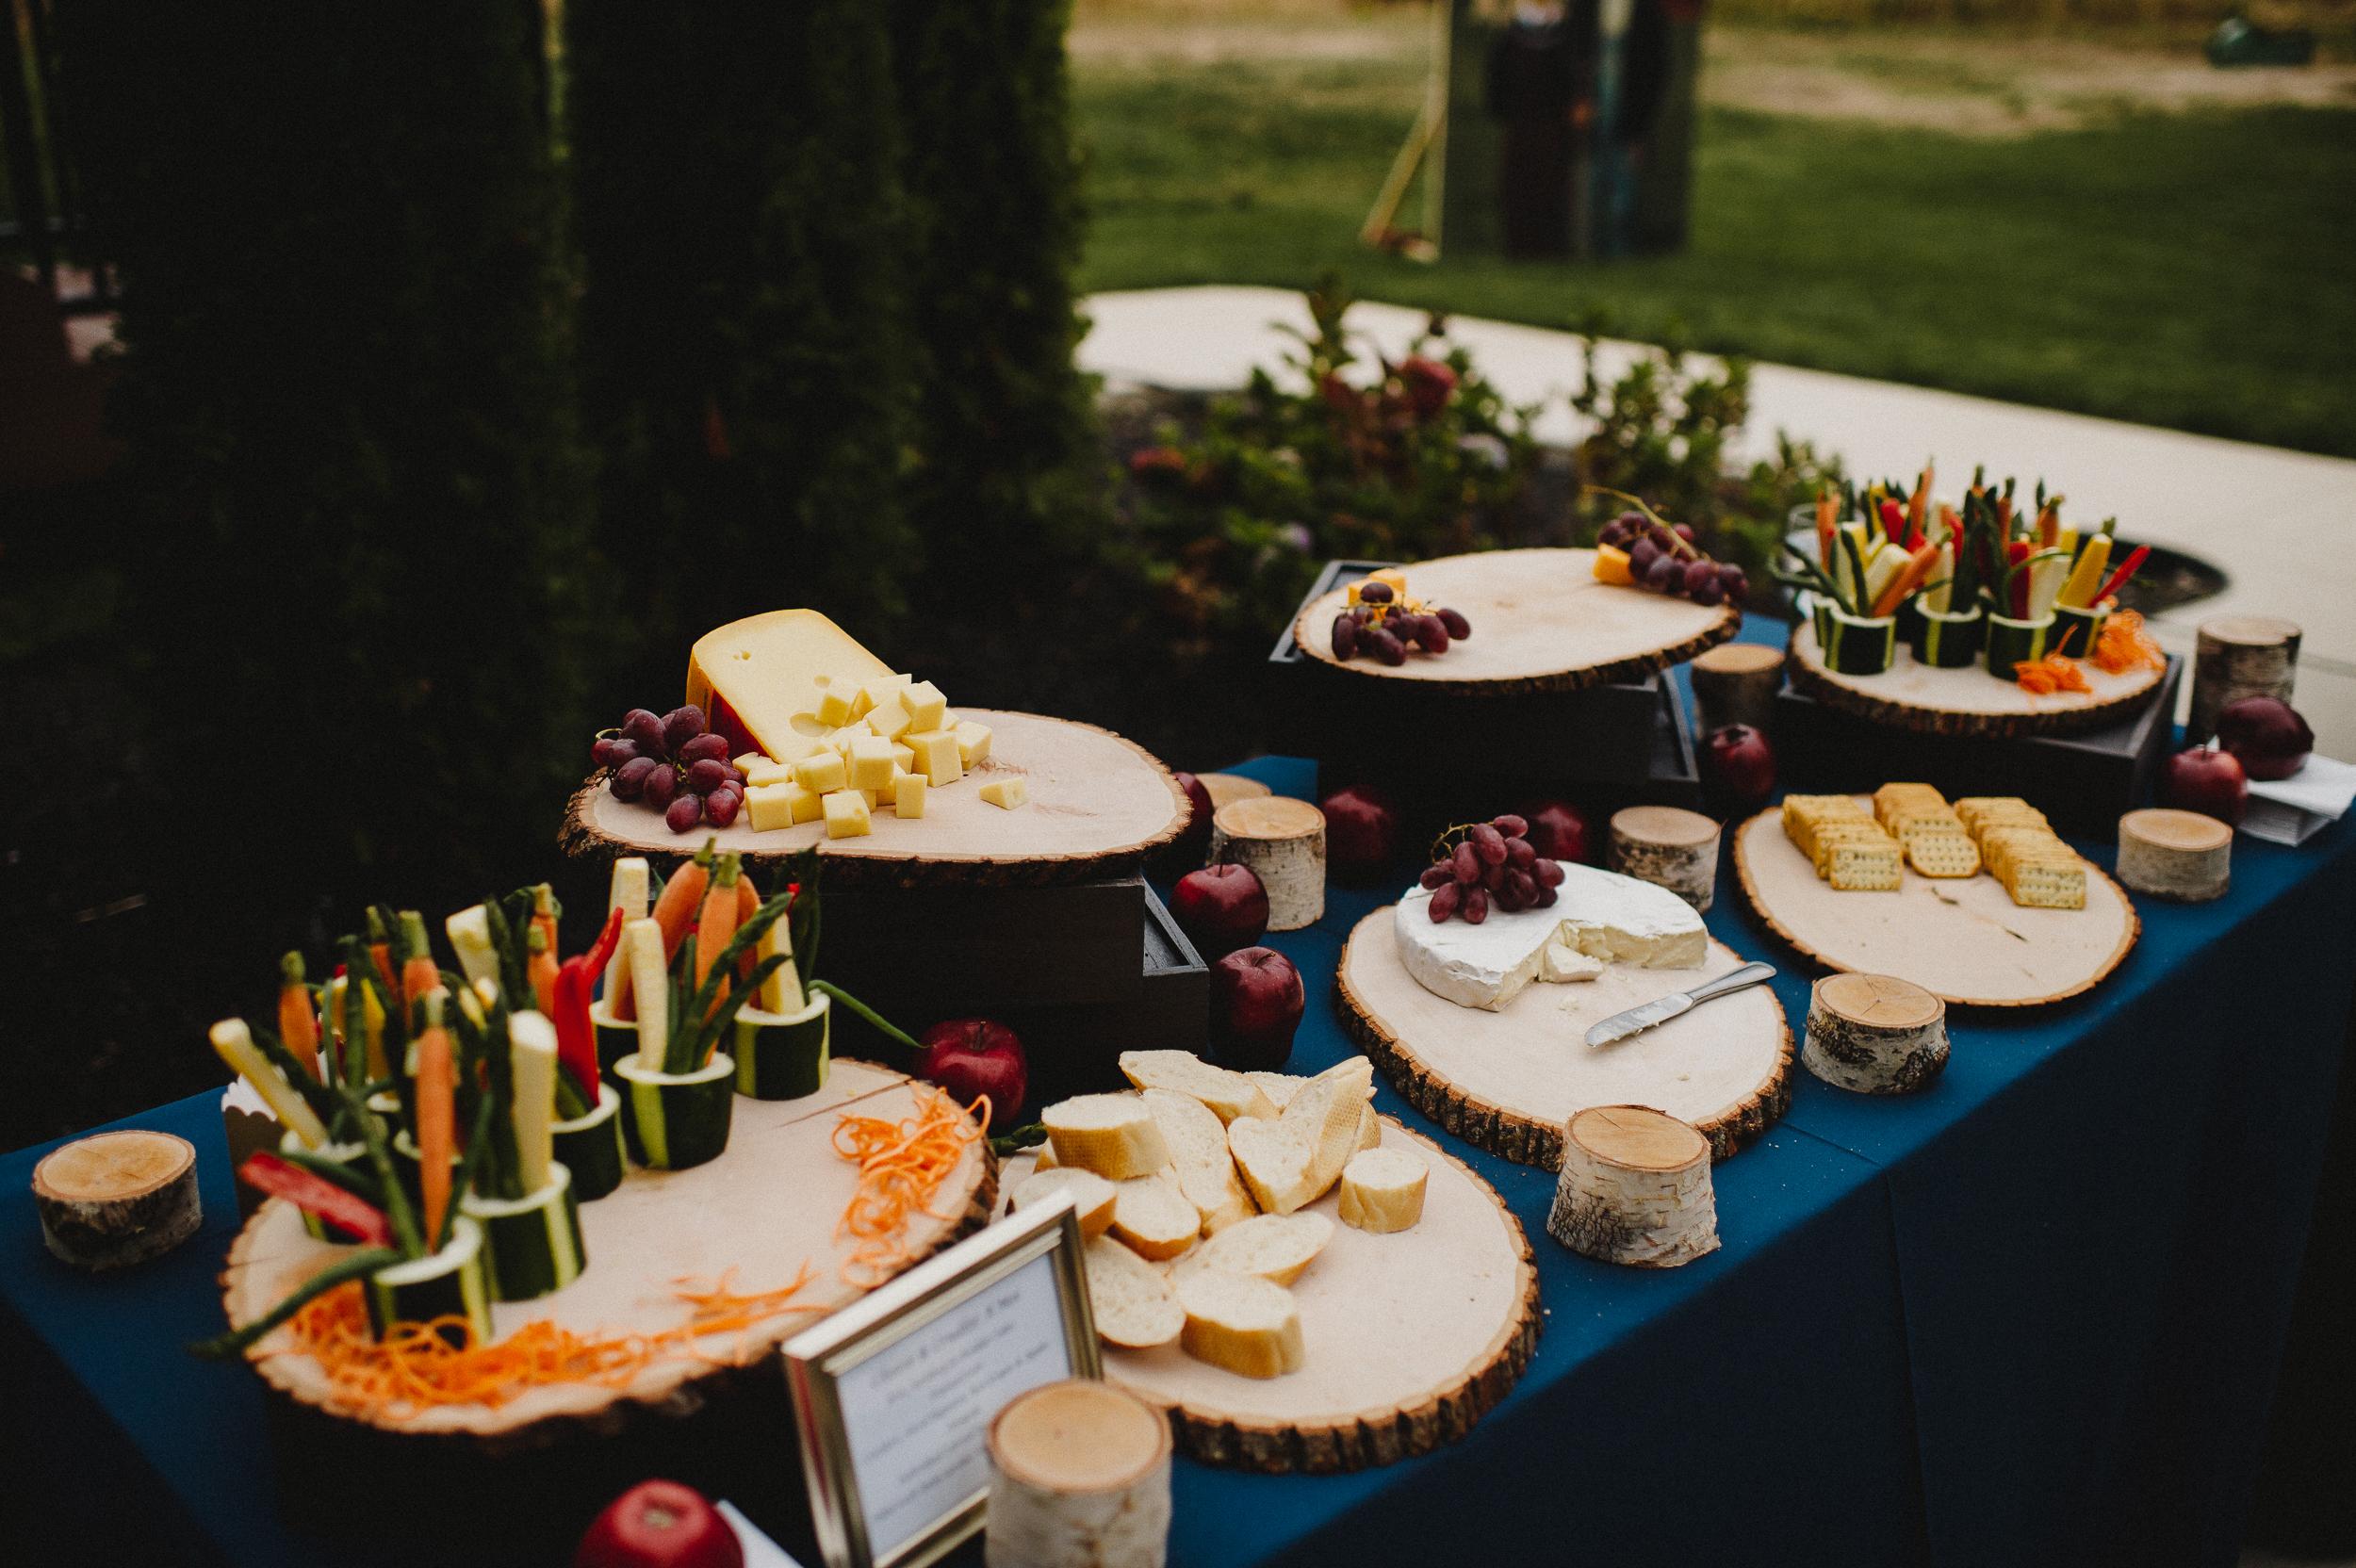 thousand-acre-farm-wedding-photographer-75.jpg